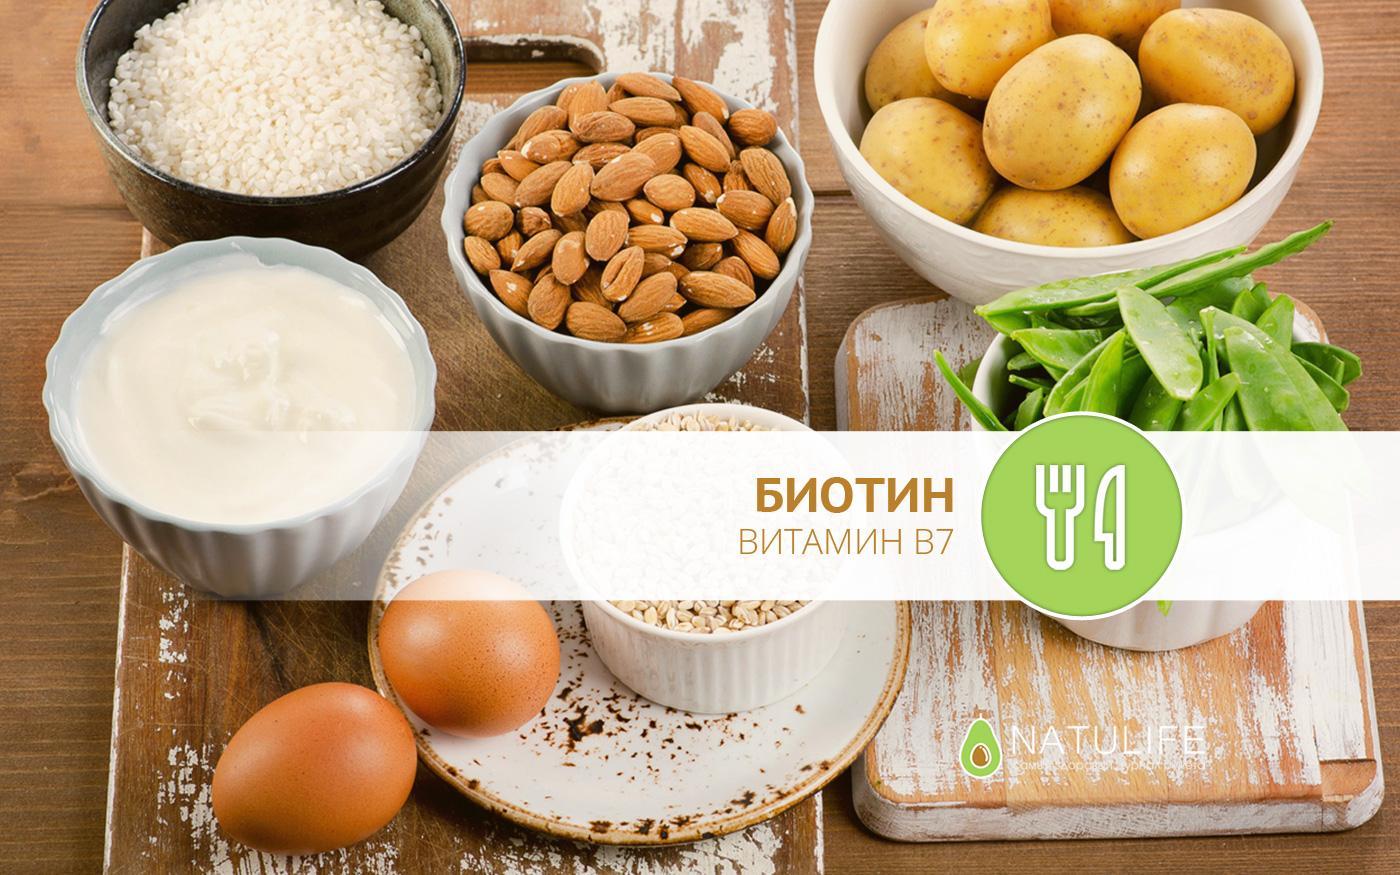 В каких продуктах содержится биотин?